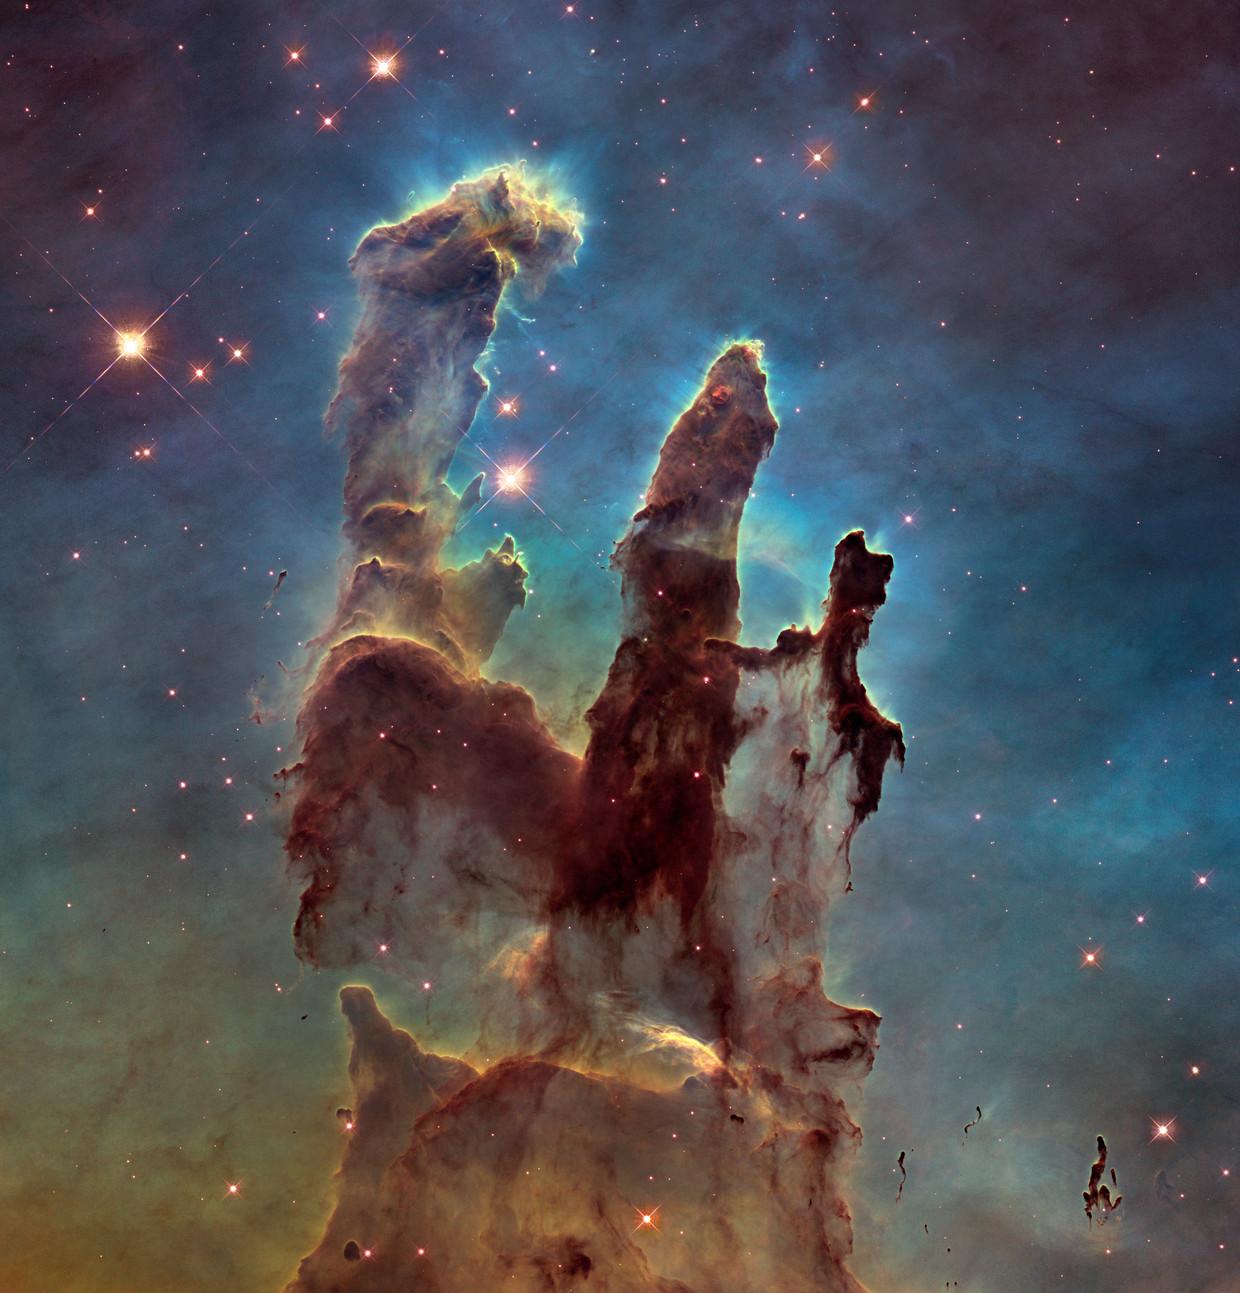 Bij zijn 25ste verjaardag presenteerde ruimtetelescoop Hubble deze nieuwe versie van de wereldberoemde Pillars of Creation. Beeld Nasa, Esa/Hubble